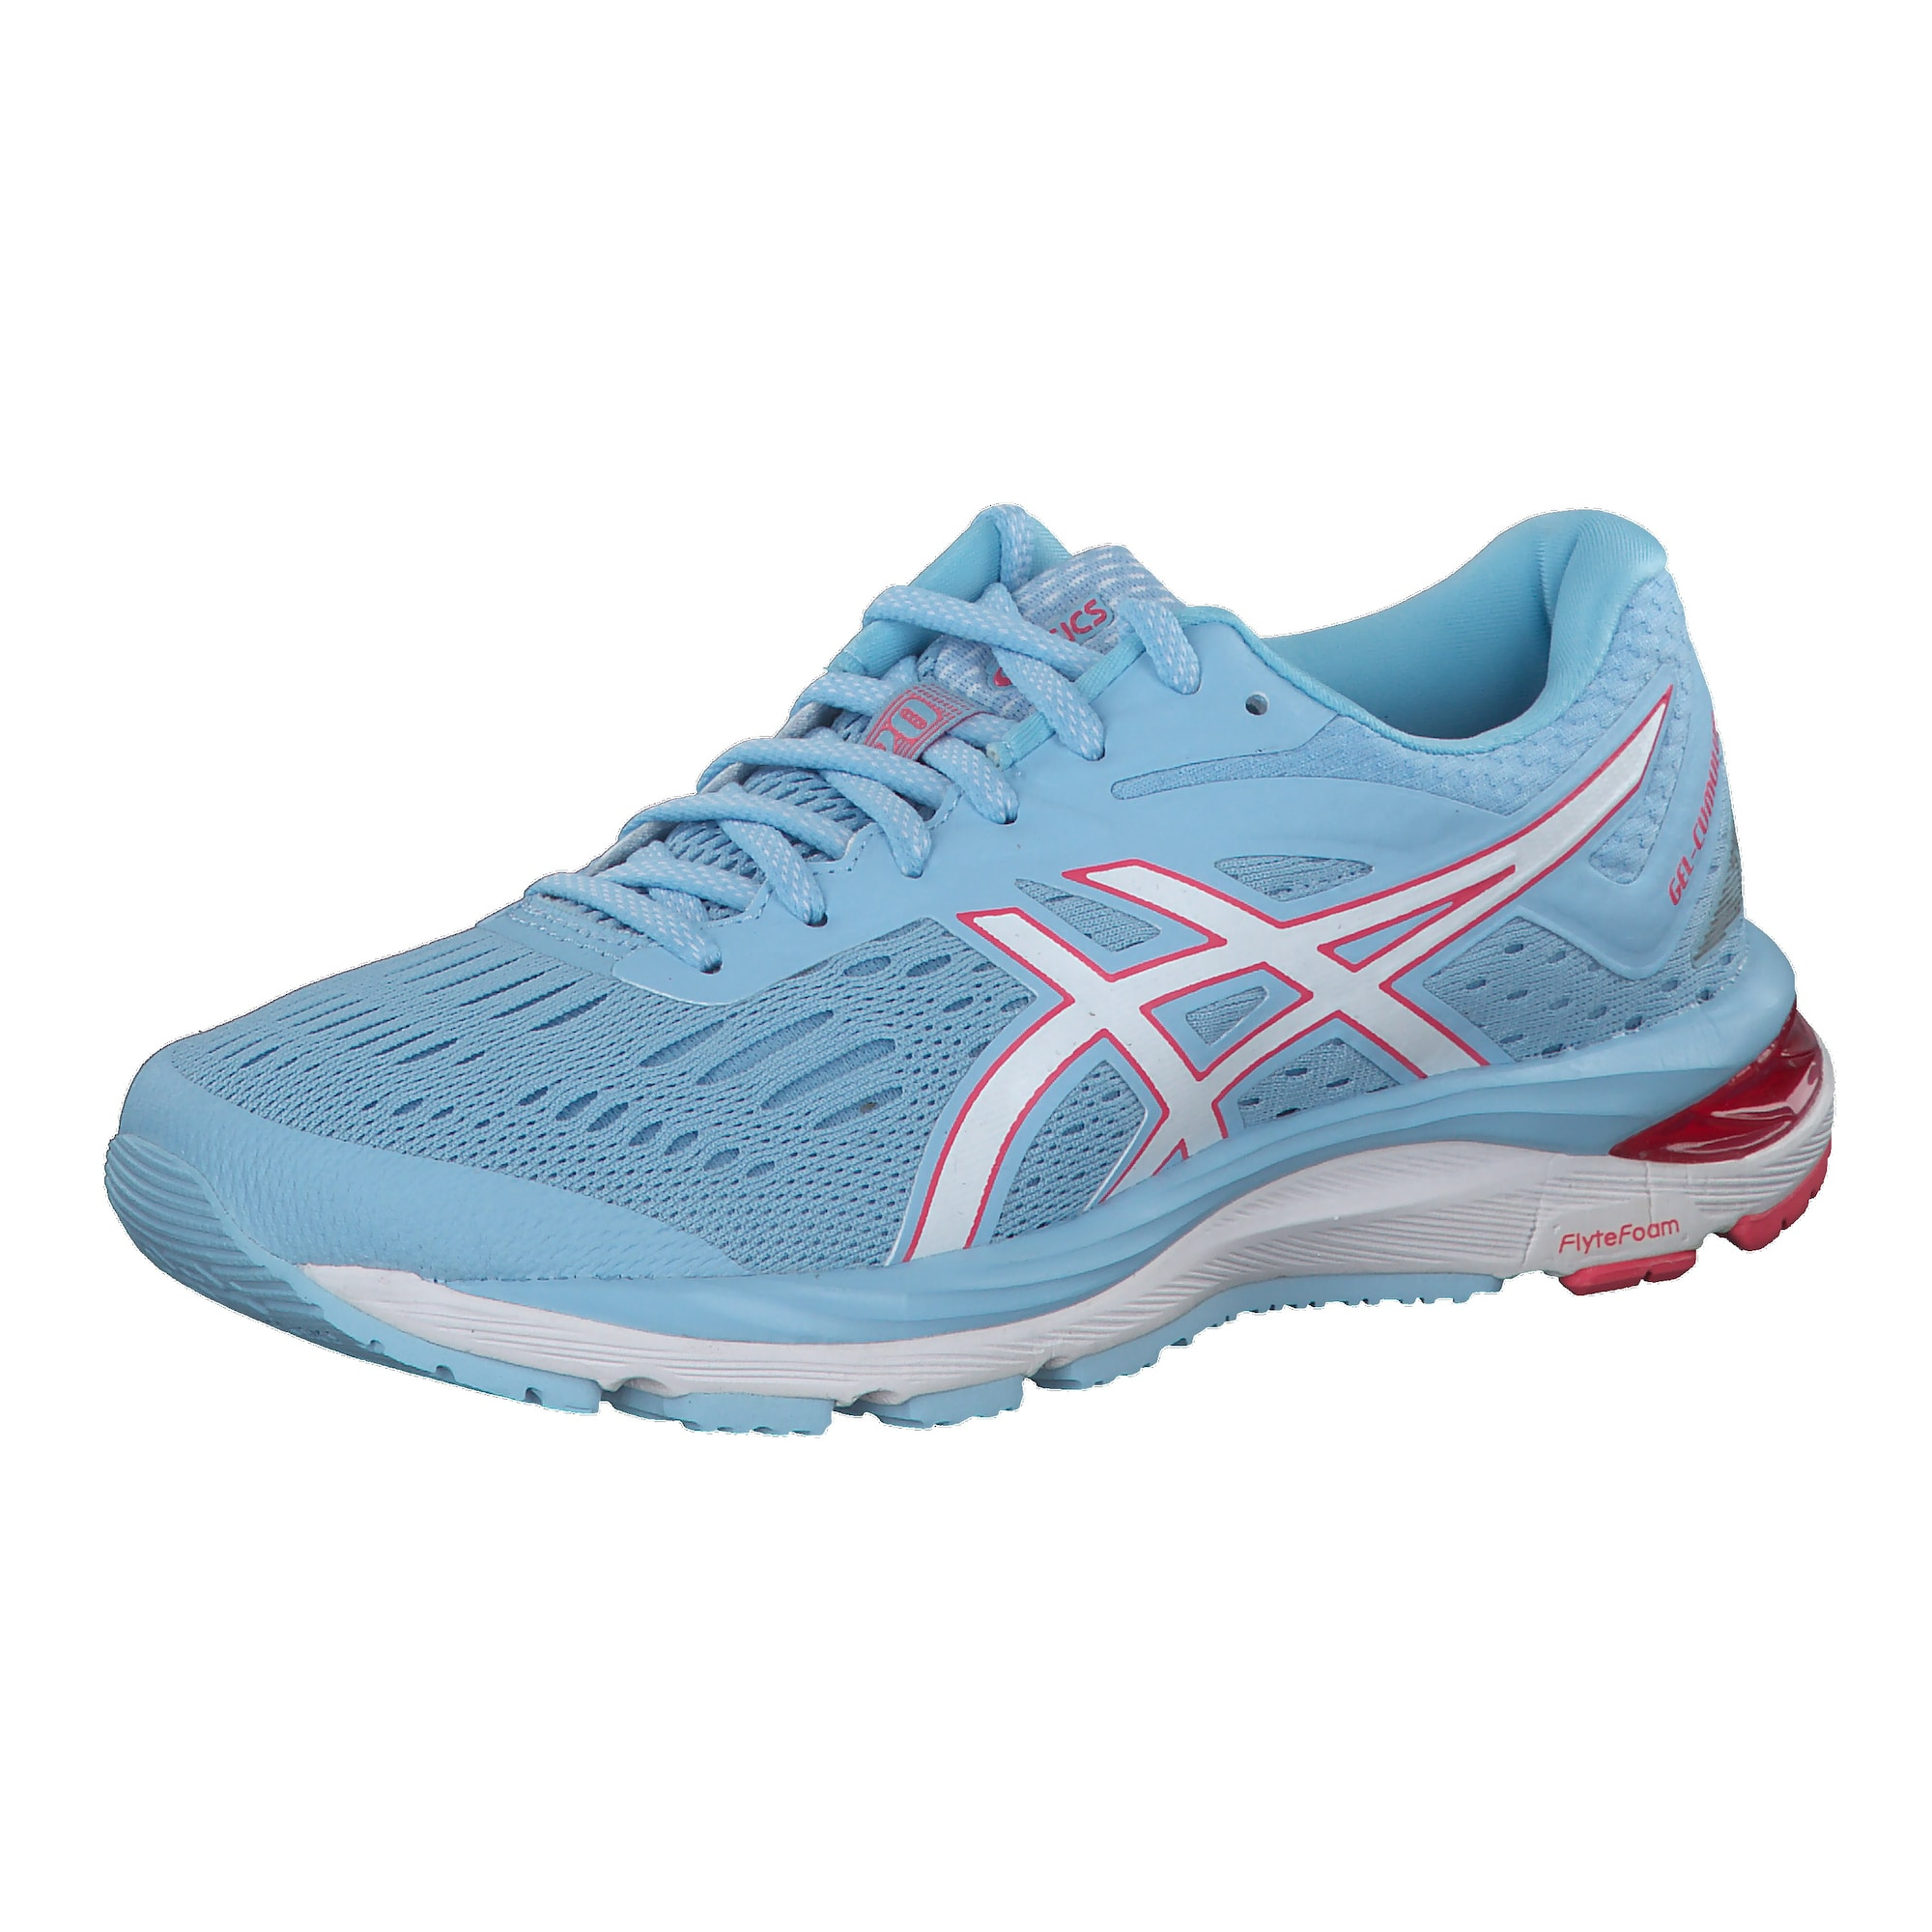 Laufschuhe | Schuhe > Sportschuhe > Laufschuhe | Hellblau - Pink - Weiß | ASICS